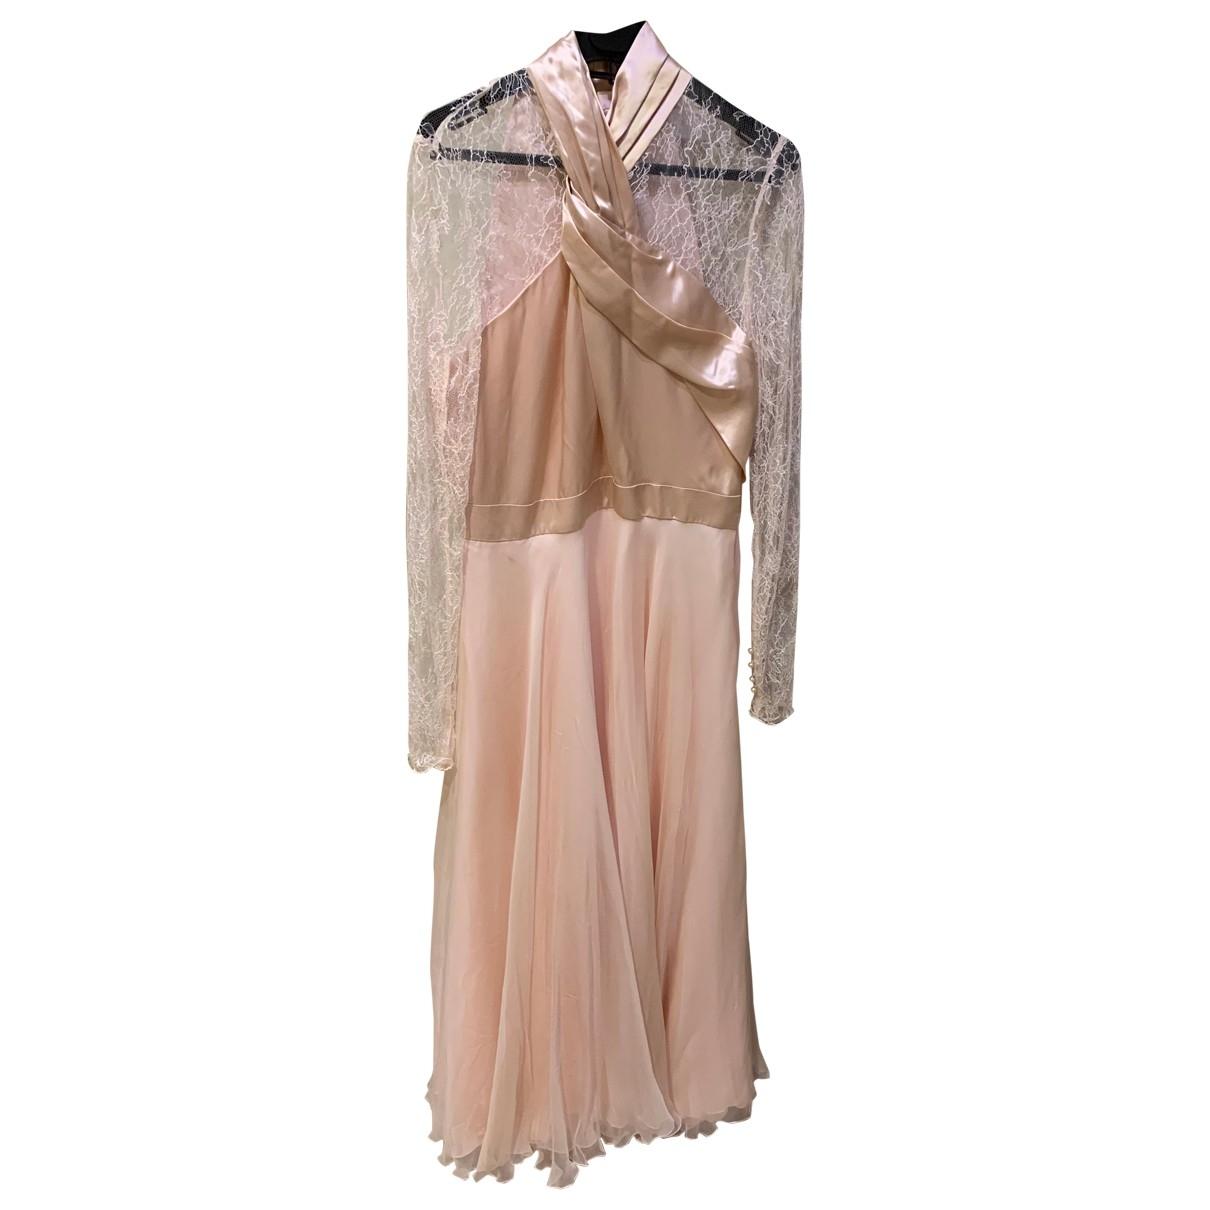 Lanvin - Robe   pour femme en dentelle - multicolore